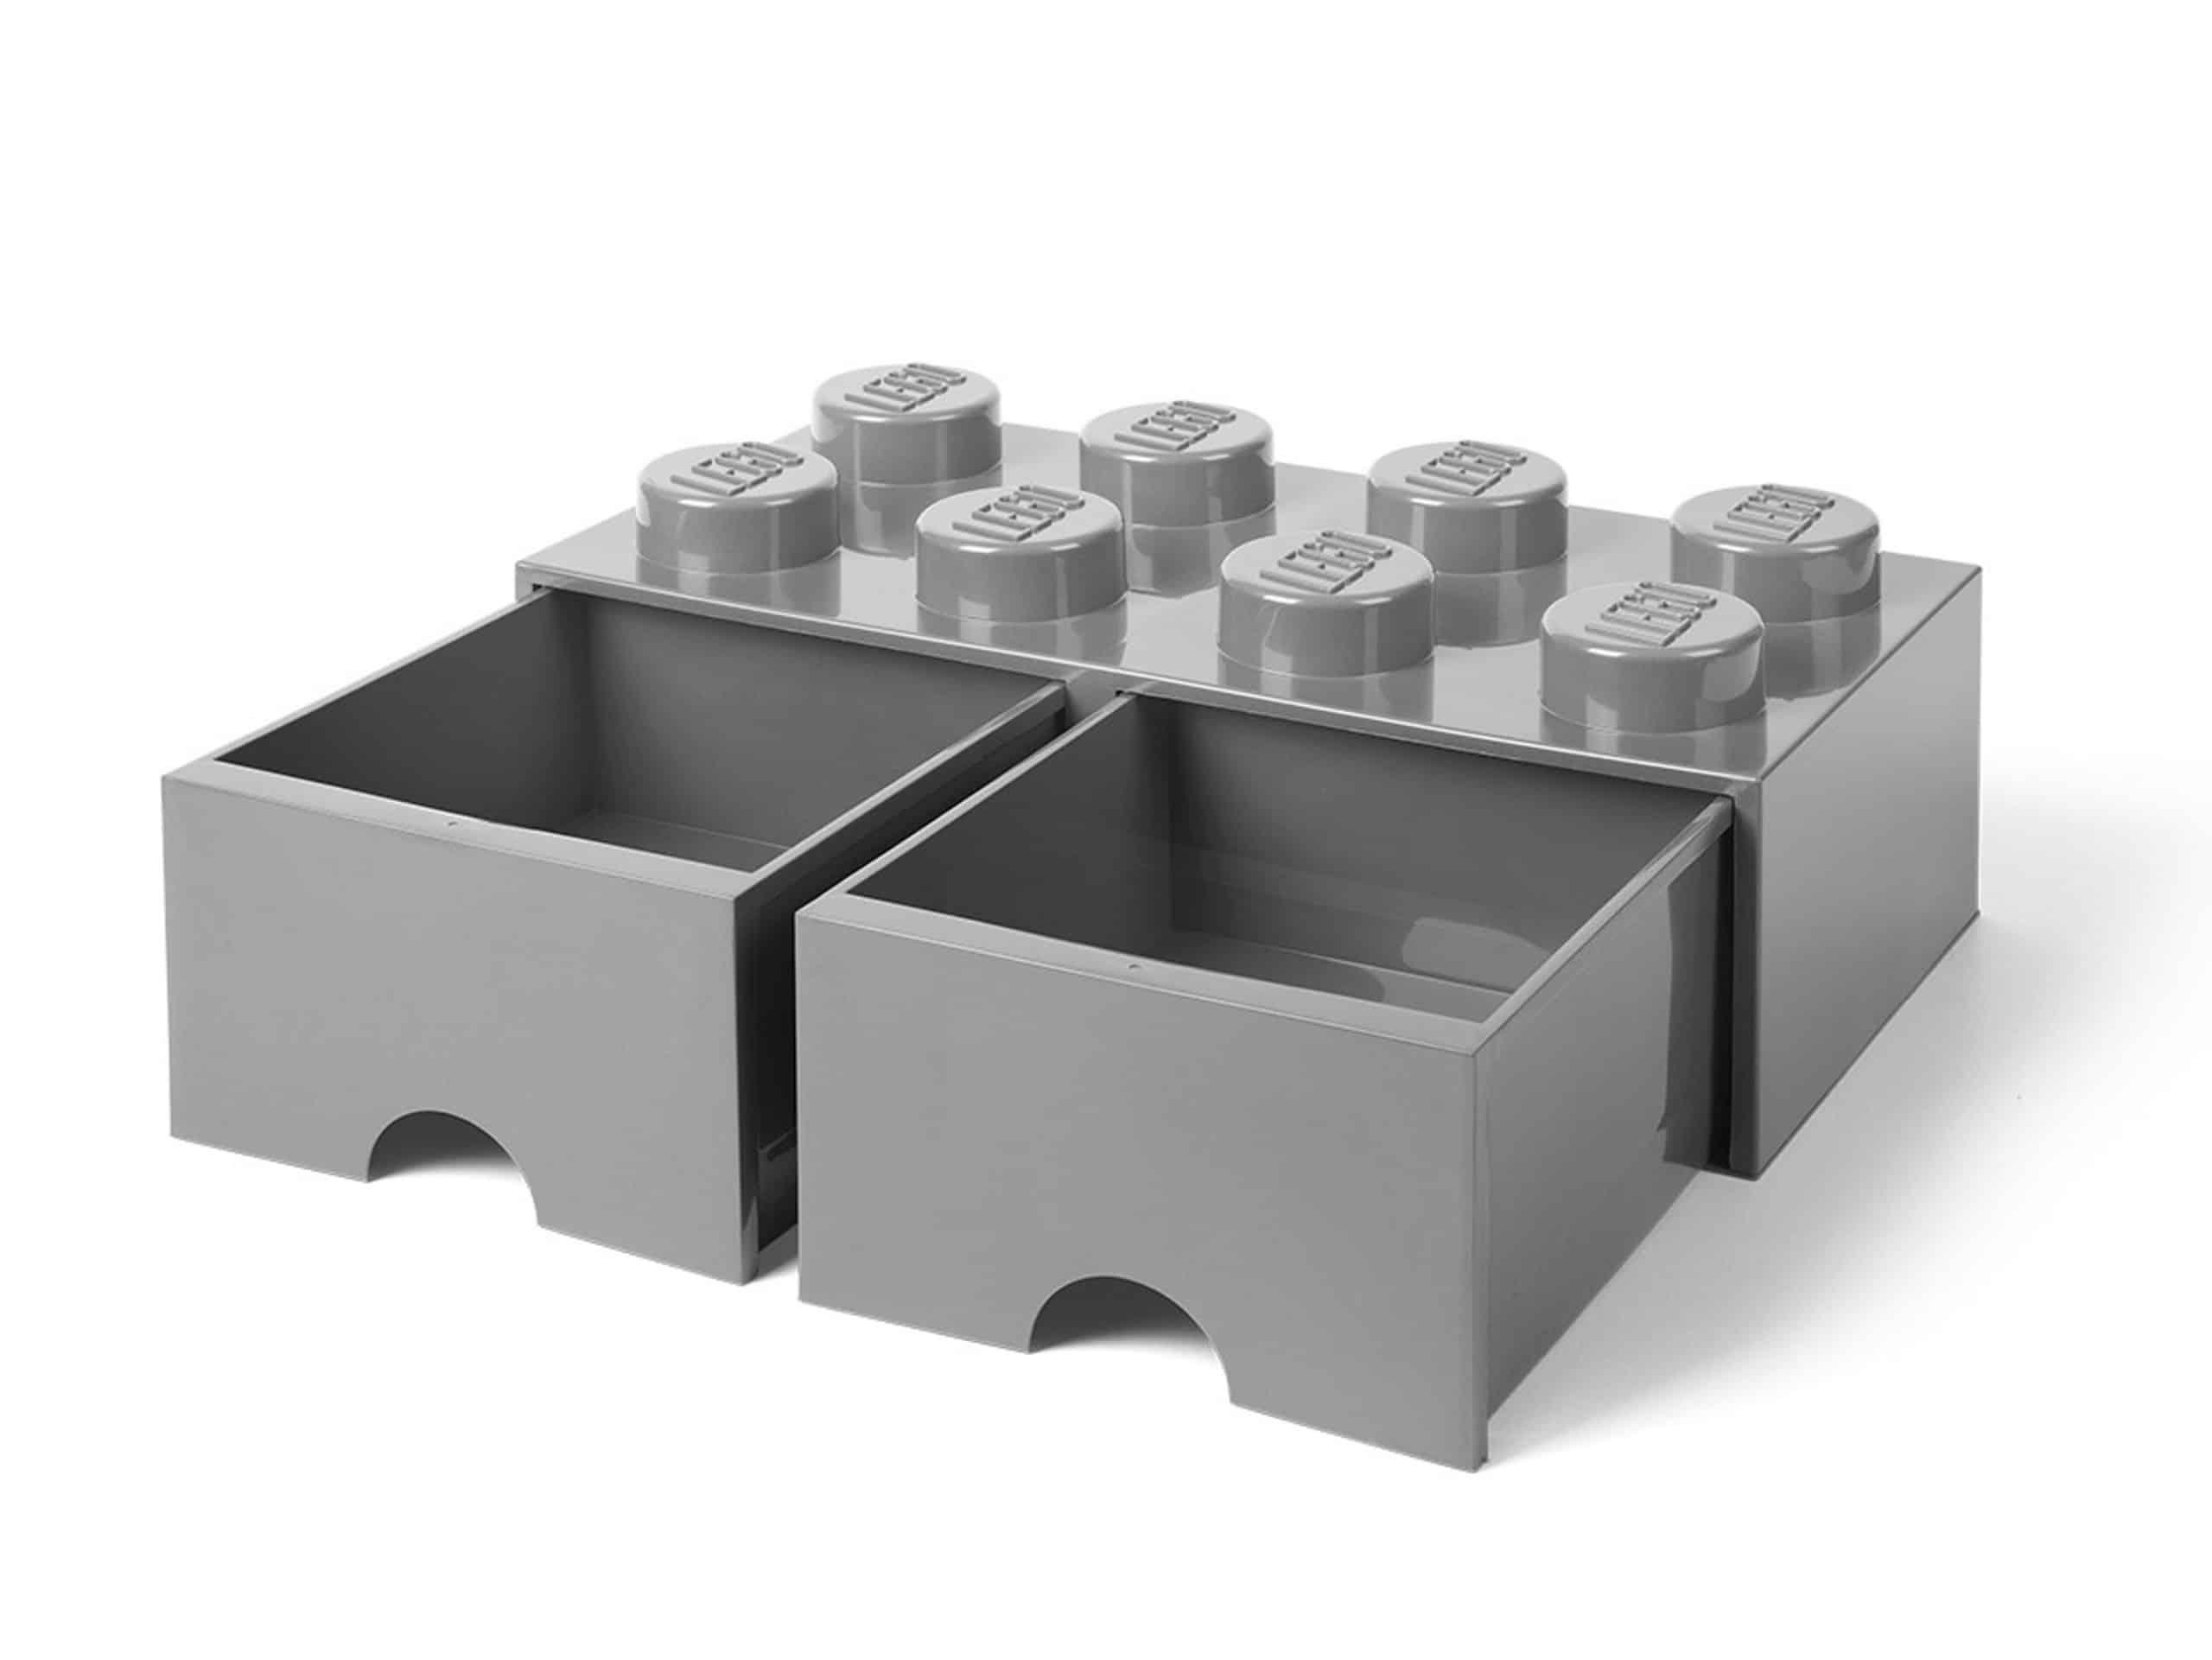 brique gris pierre de rangement lego 5005720 a tiroir et a 8 tenons scaled